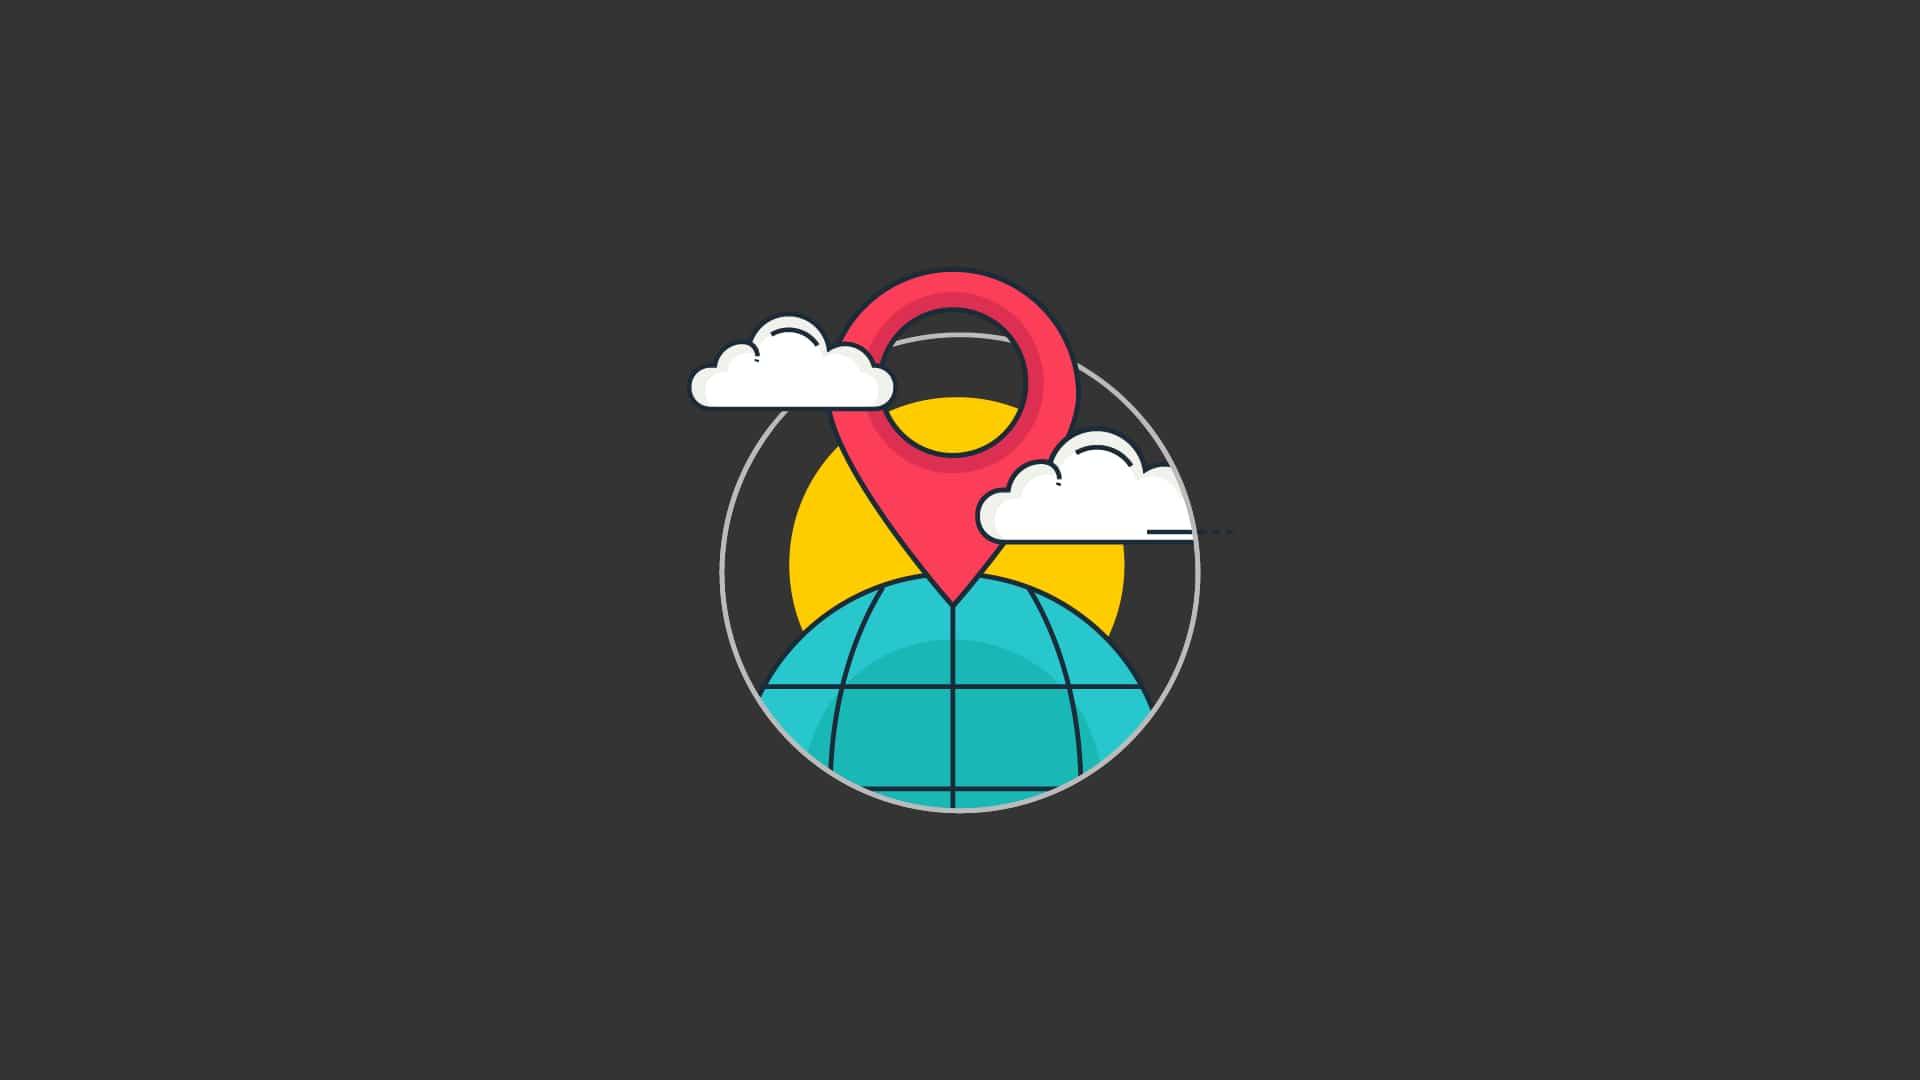 Yerel SEO, yerel aramadan gelen trafiği, potansiyel müşterileri sayısını ve marka bilinirliğini artırmak için bir web sitesini optimize etme çalışmasıdır. Yerel SEO ile ilişkili yapılması gerekenler arasında yerel (Konum odaklı) anahtar kelimeler bulmak ve işletmenin Google My Business profilini optimize etmek yer alır.